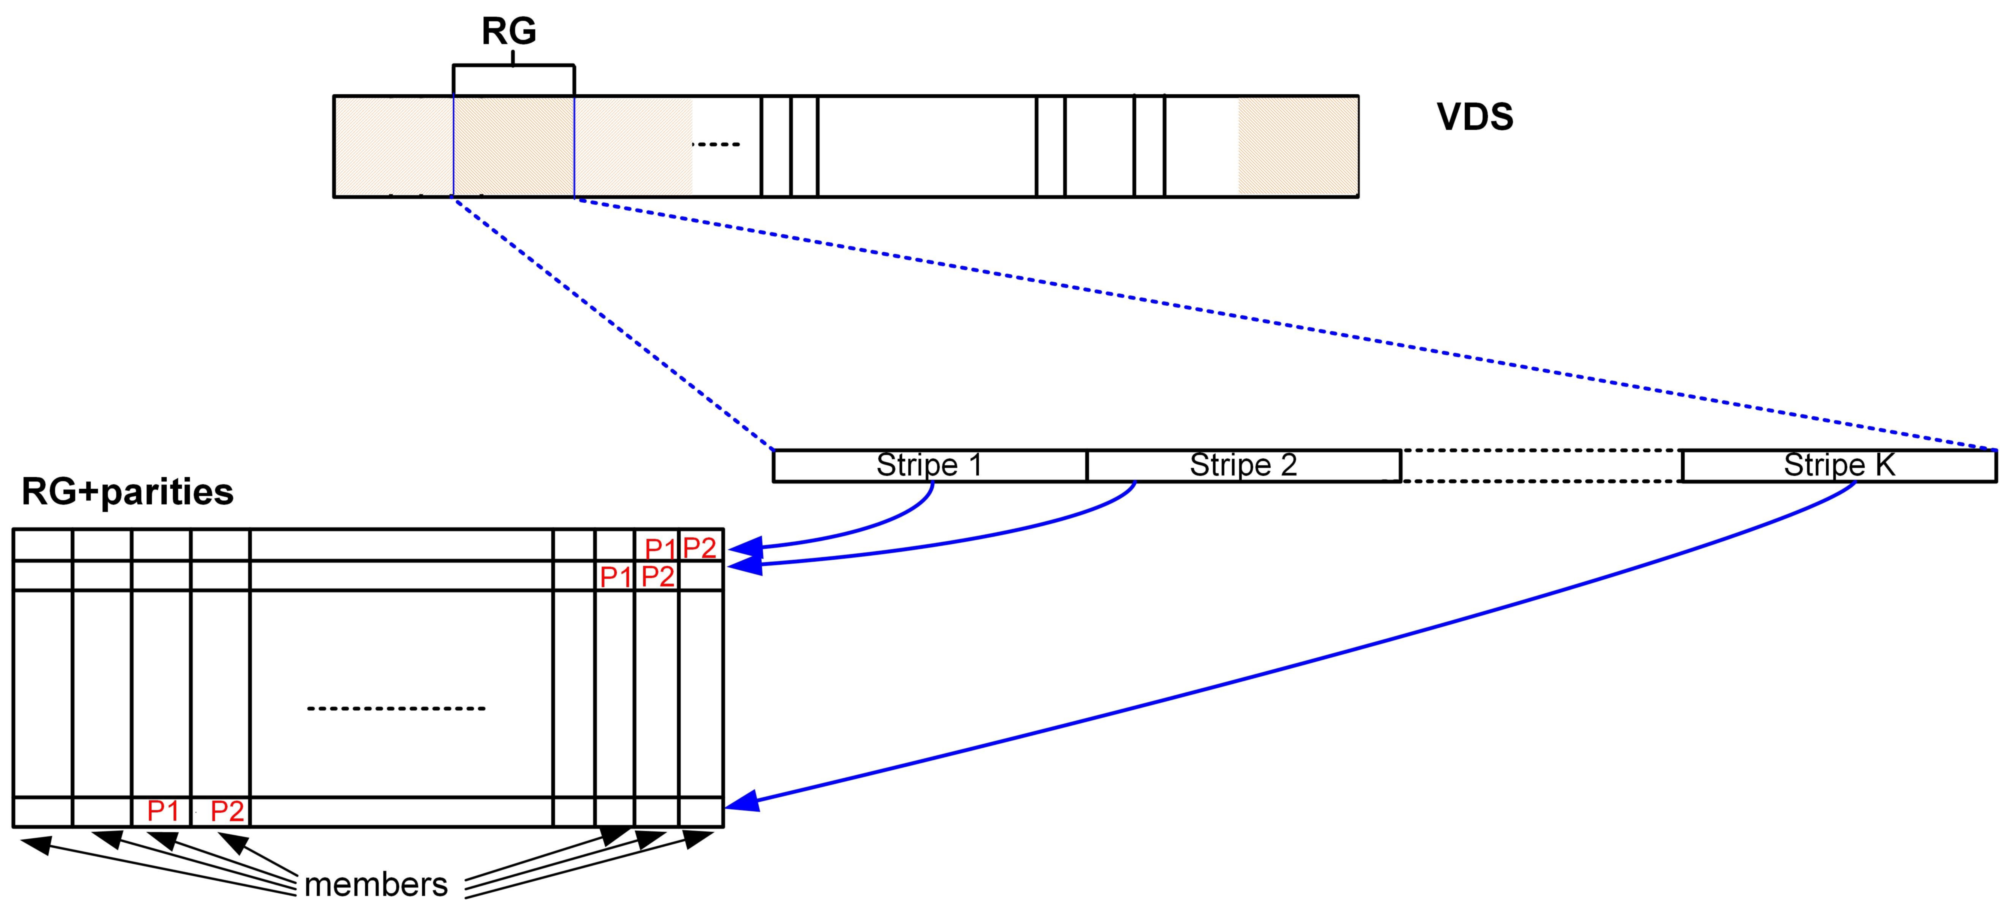 Технический обзор архитектуры СХД Infinidat - 9